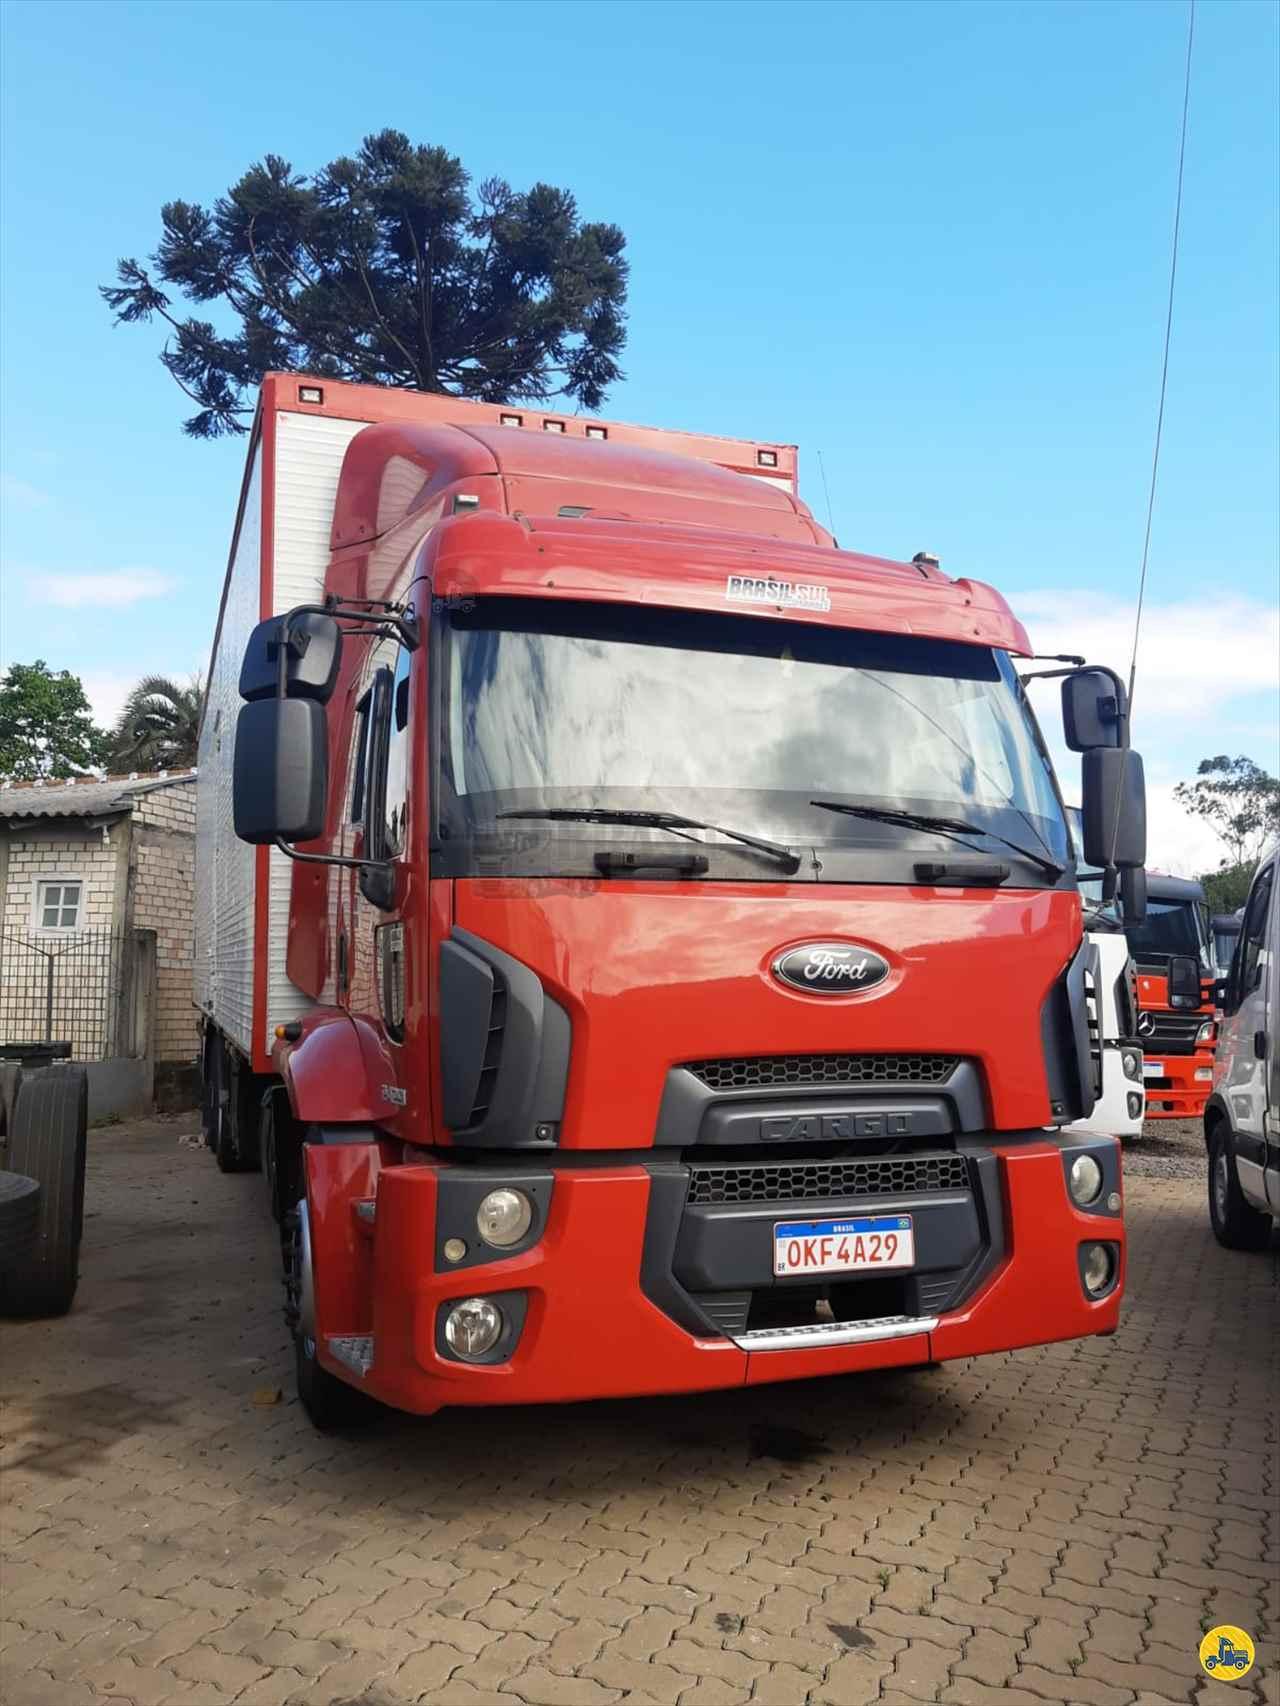 CAMINHAO FORD CARGO 2429 Baú Furgão Truck 6x2 Brasil Sul Caminhões PORTAO RIO GRANDE DO SUL RS